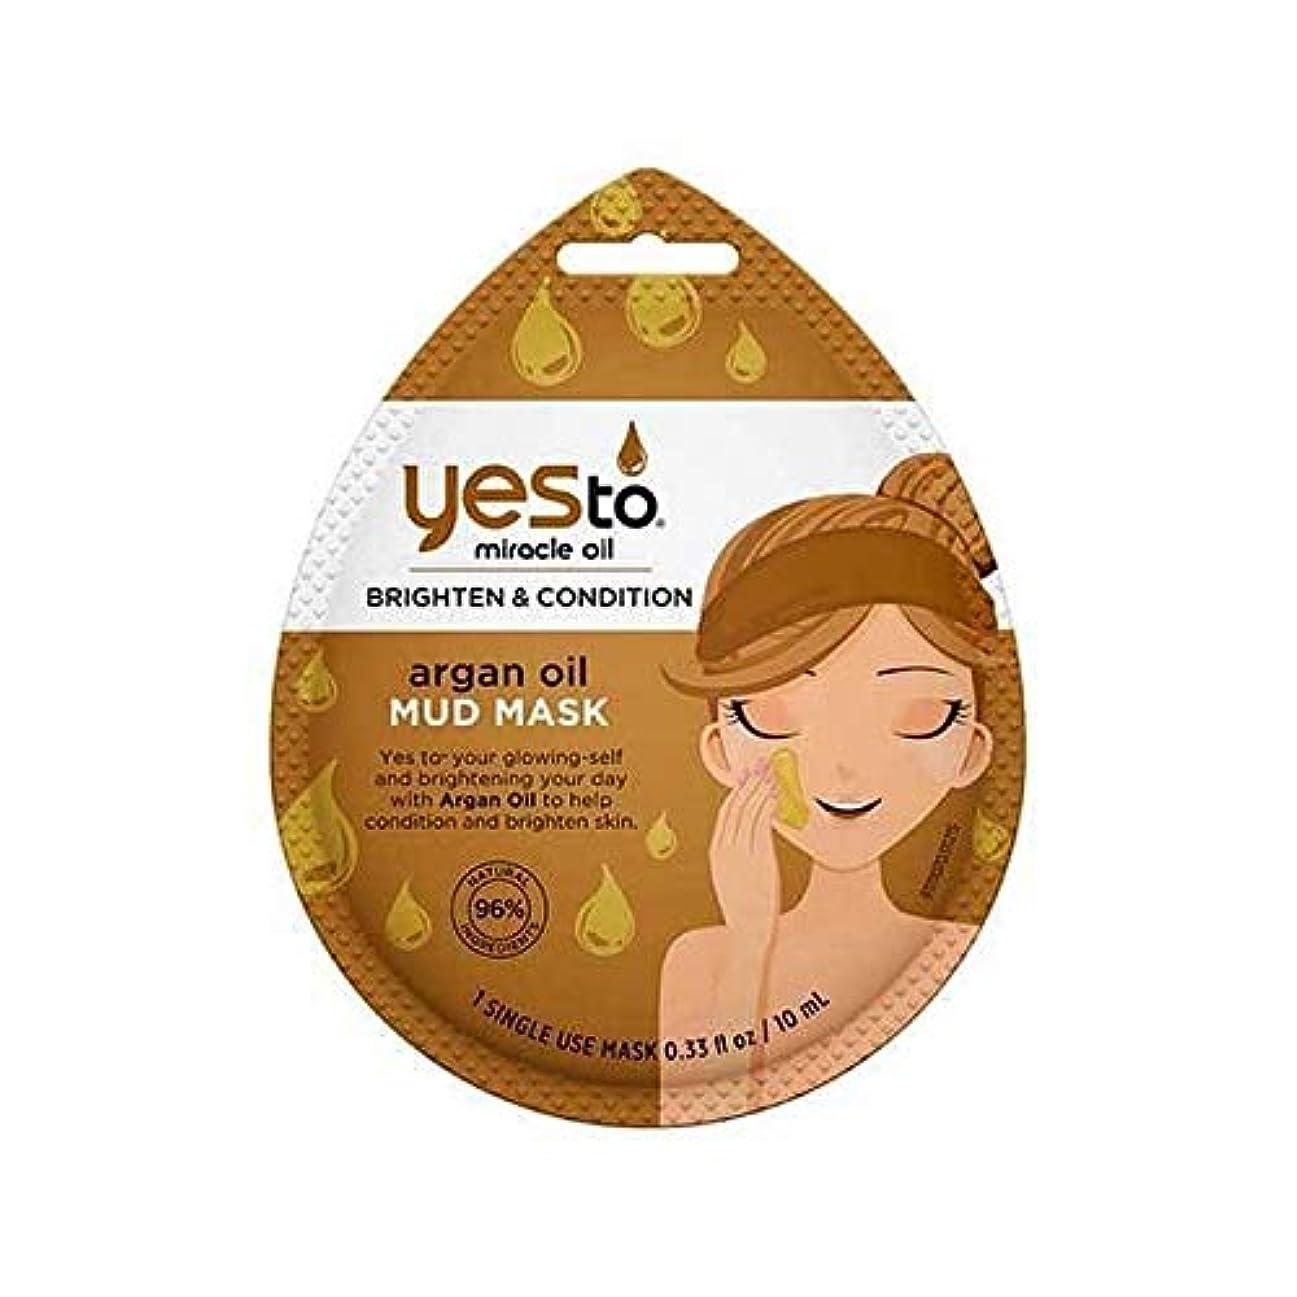 哺乳類かき混ぜるぎこちない[YES TO!] はいアルガンオイル泥マスクへ - Yes To Argan Oil Mud Mask [並行輸入品]